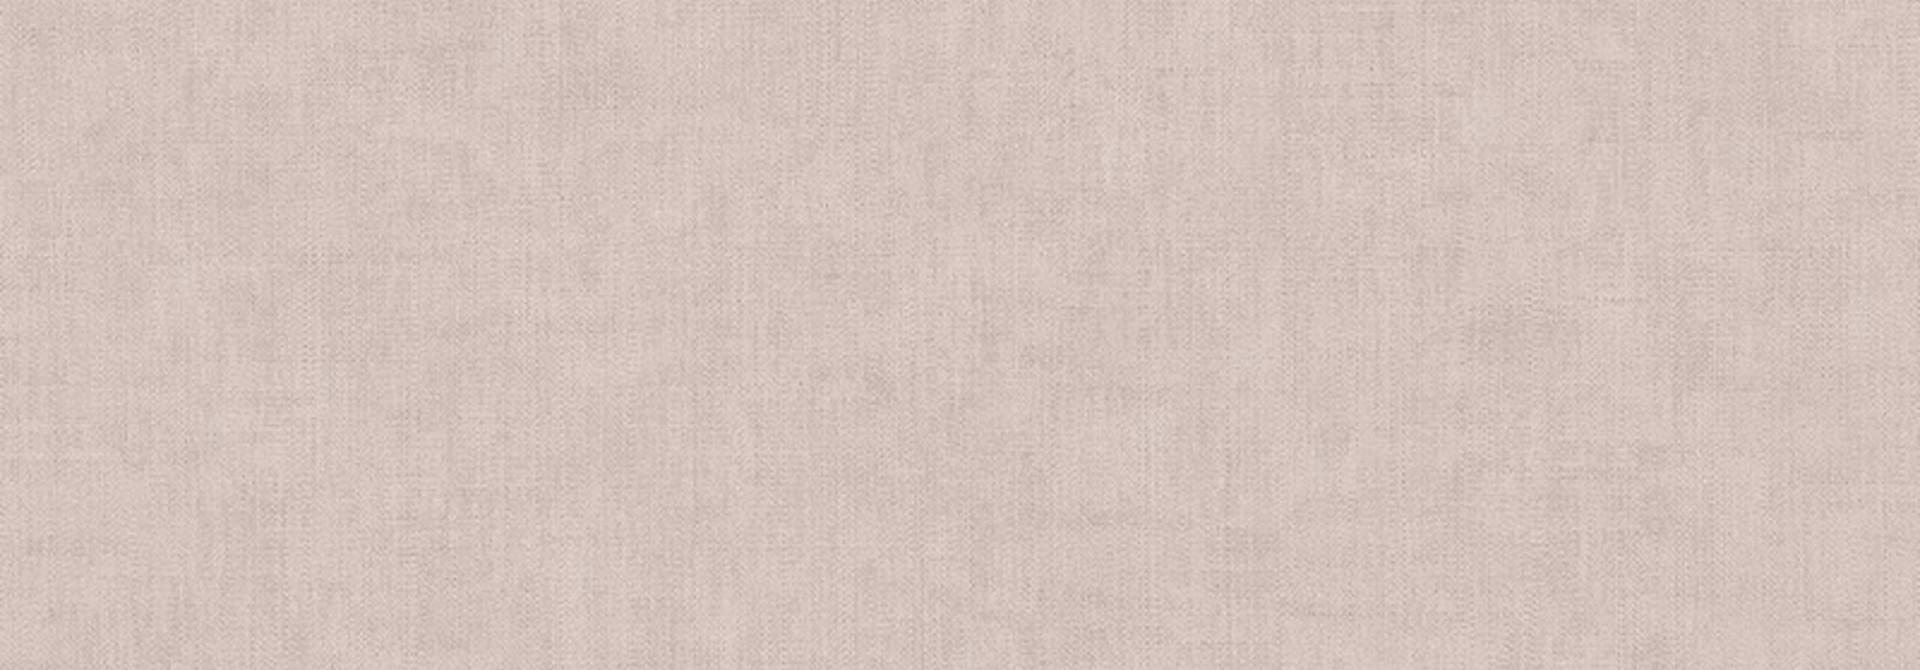 Behang 5025 Huid